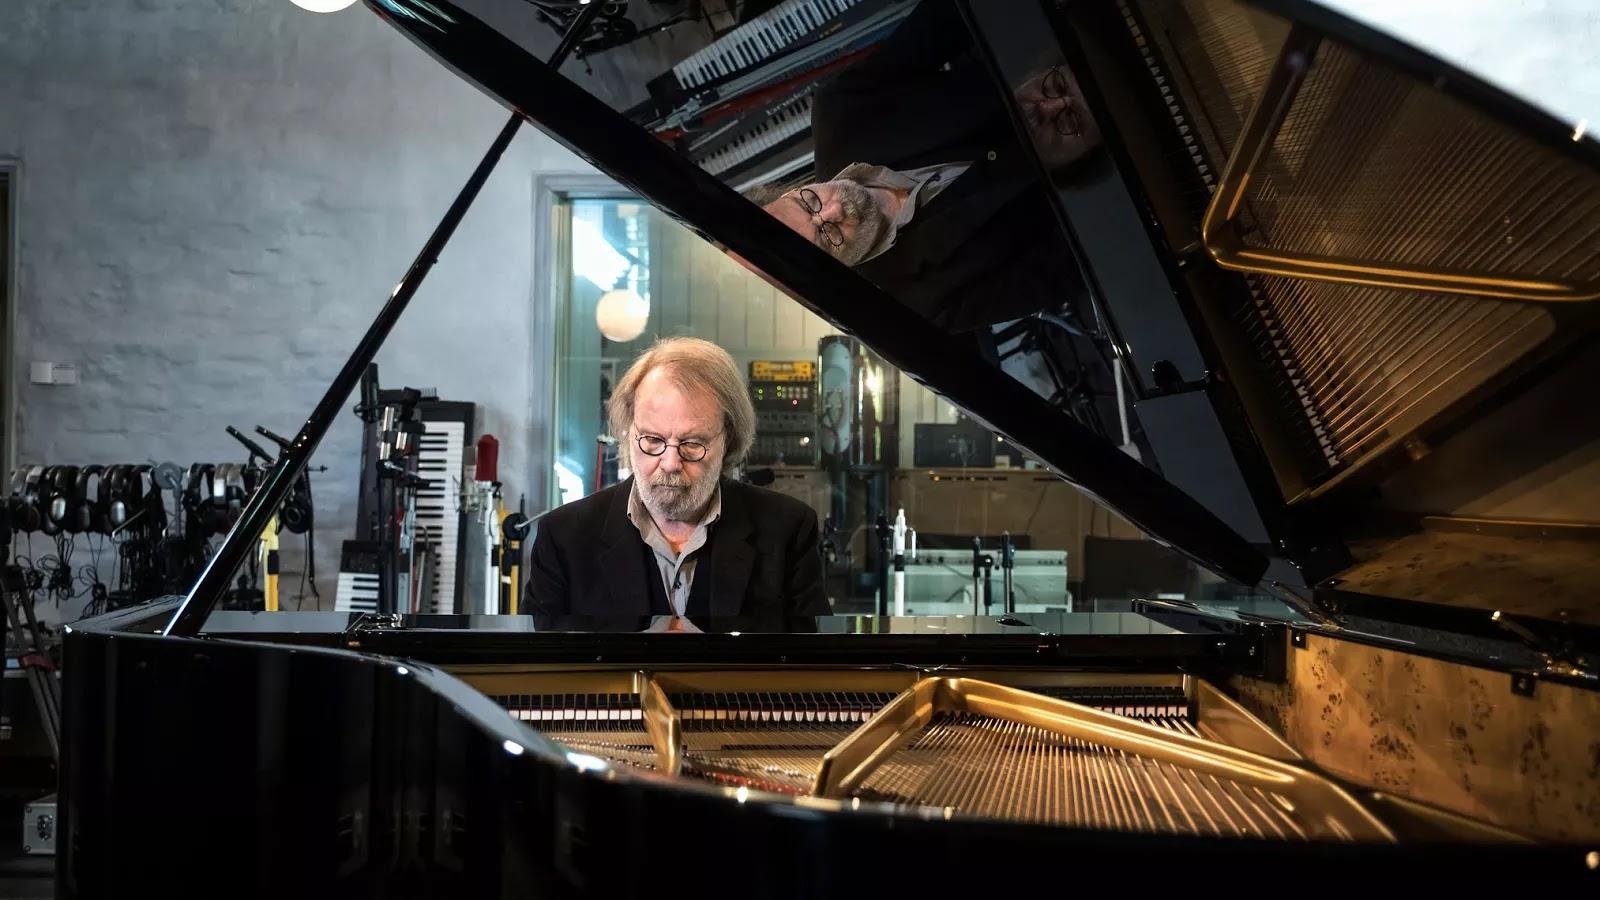 Resultado de imagen de Benny Andersson piano 2017